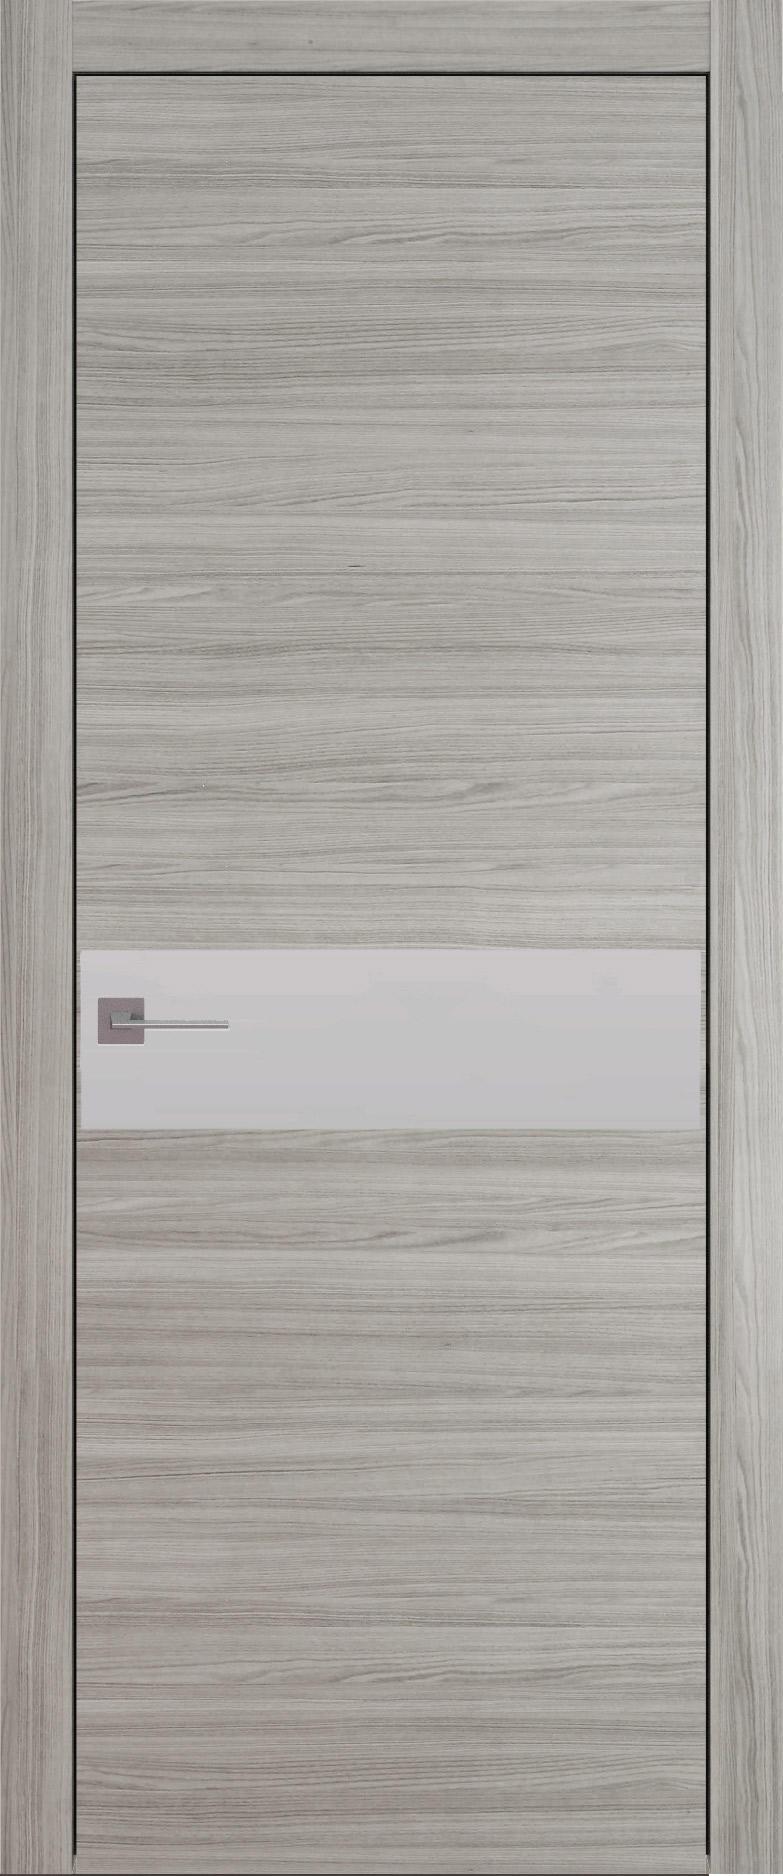 Tivoli И-4 цвет - Орех пепельный Без стекла (ДГ)